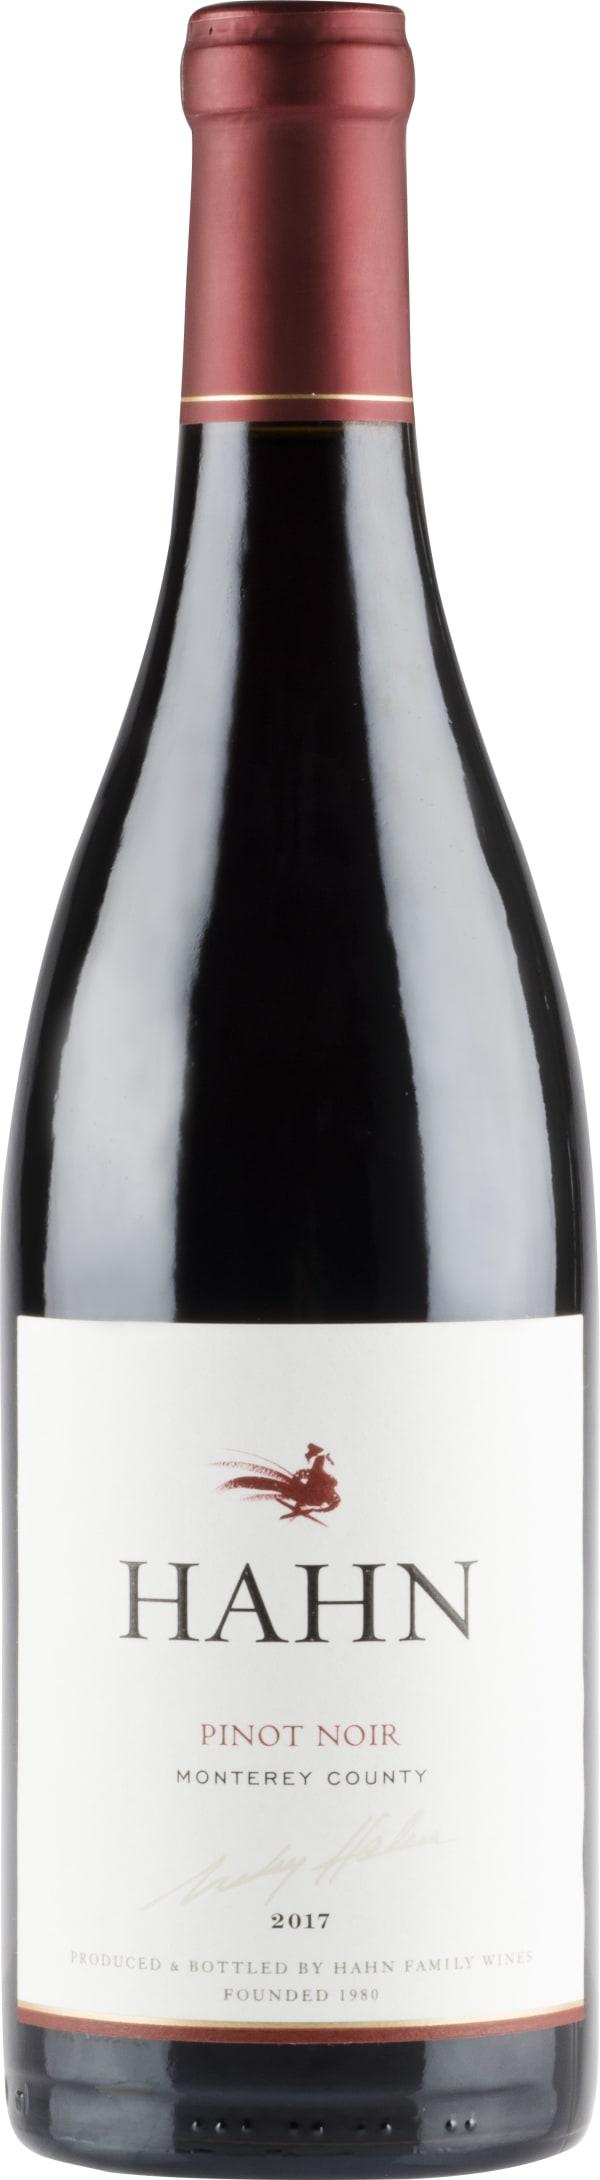 Hahn Pinot Noir 2014